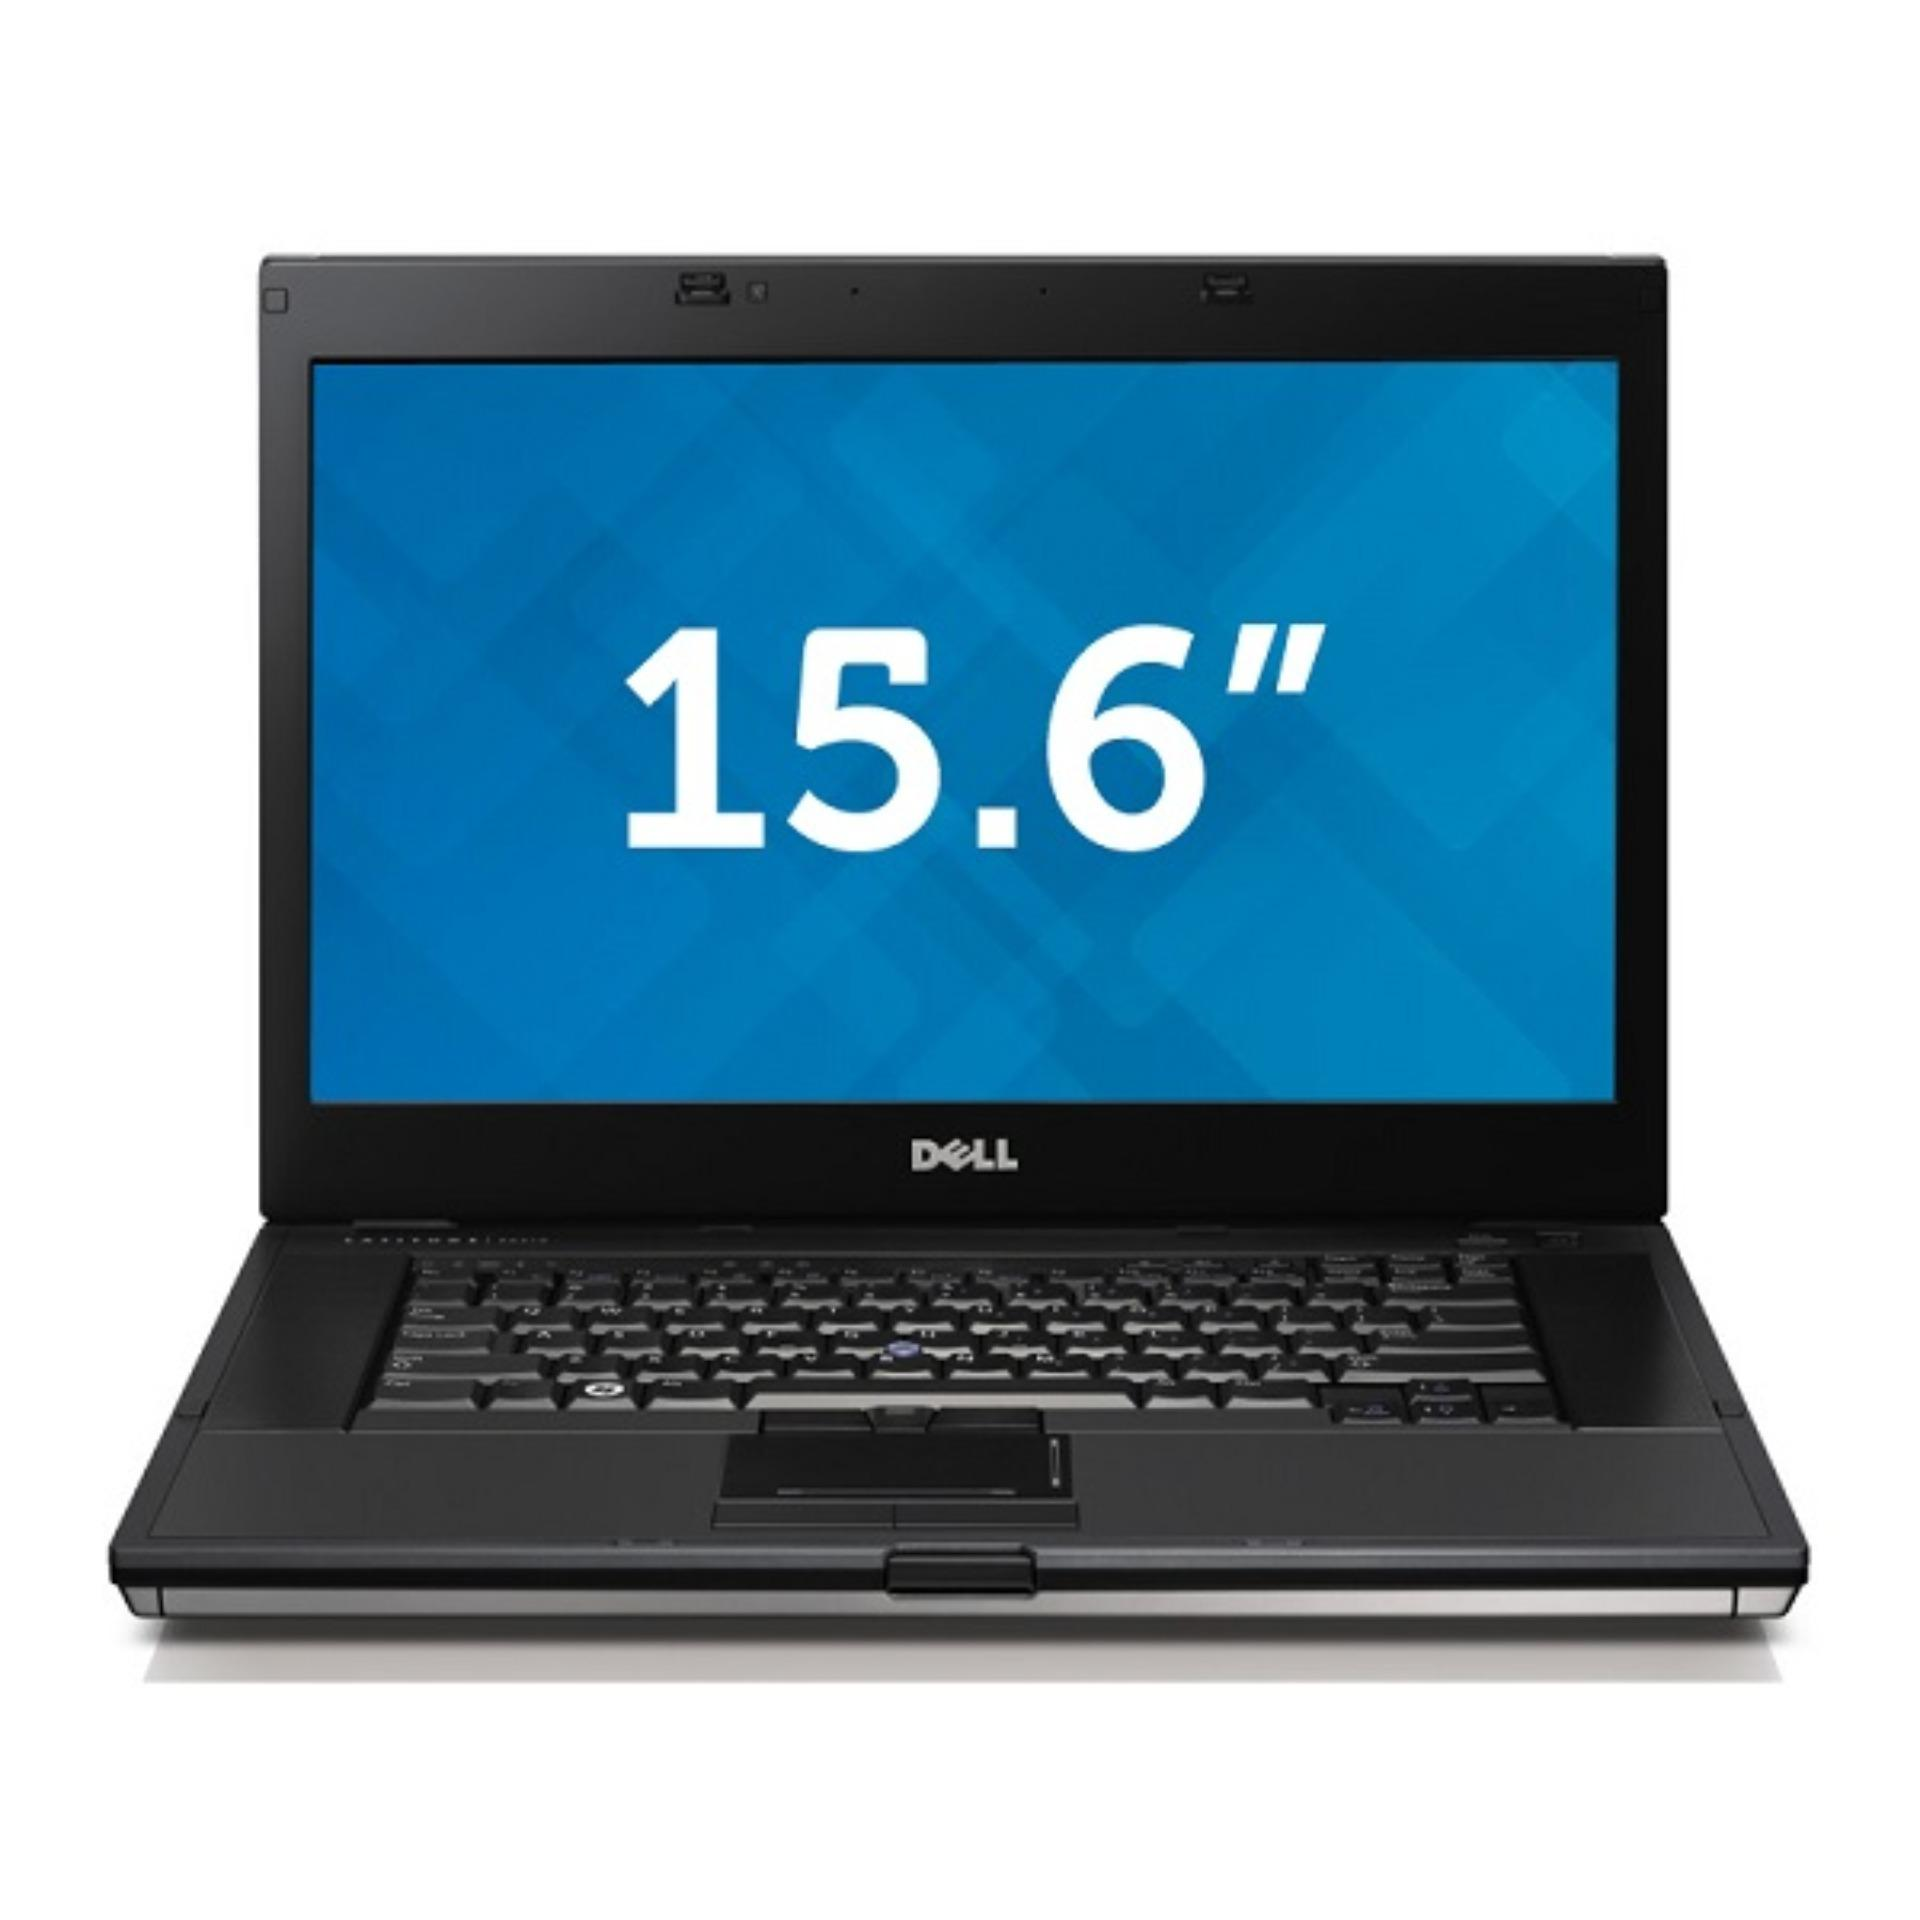 Laptop E6510 core i5 RAM 4GB HDD 250GB màn hình 15.6 inch HD thuộc dòng doanh nhân hiệu năng cao